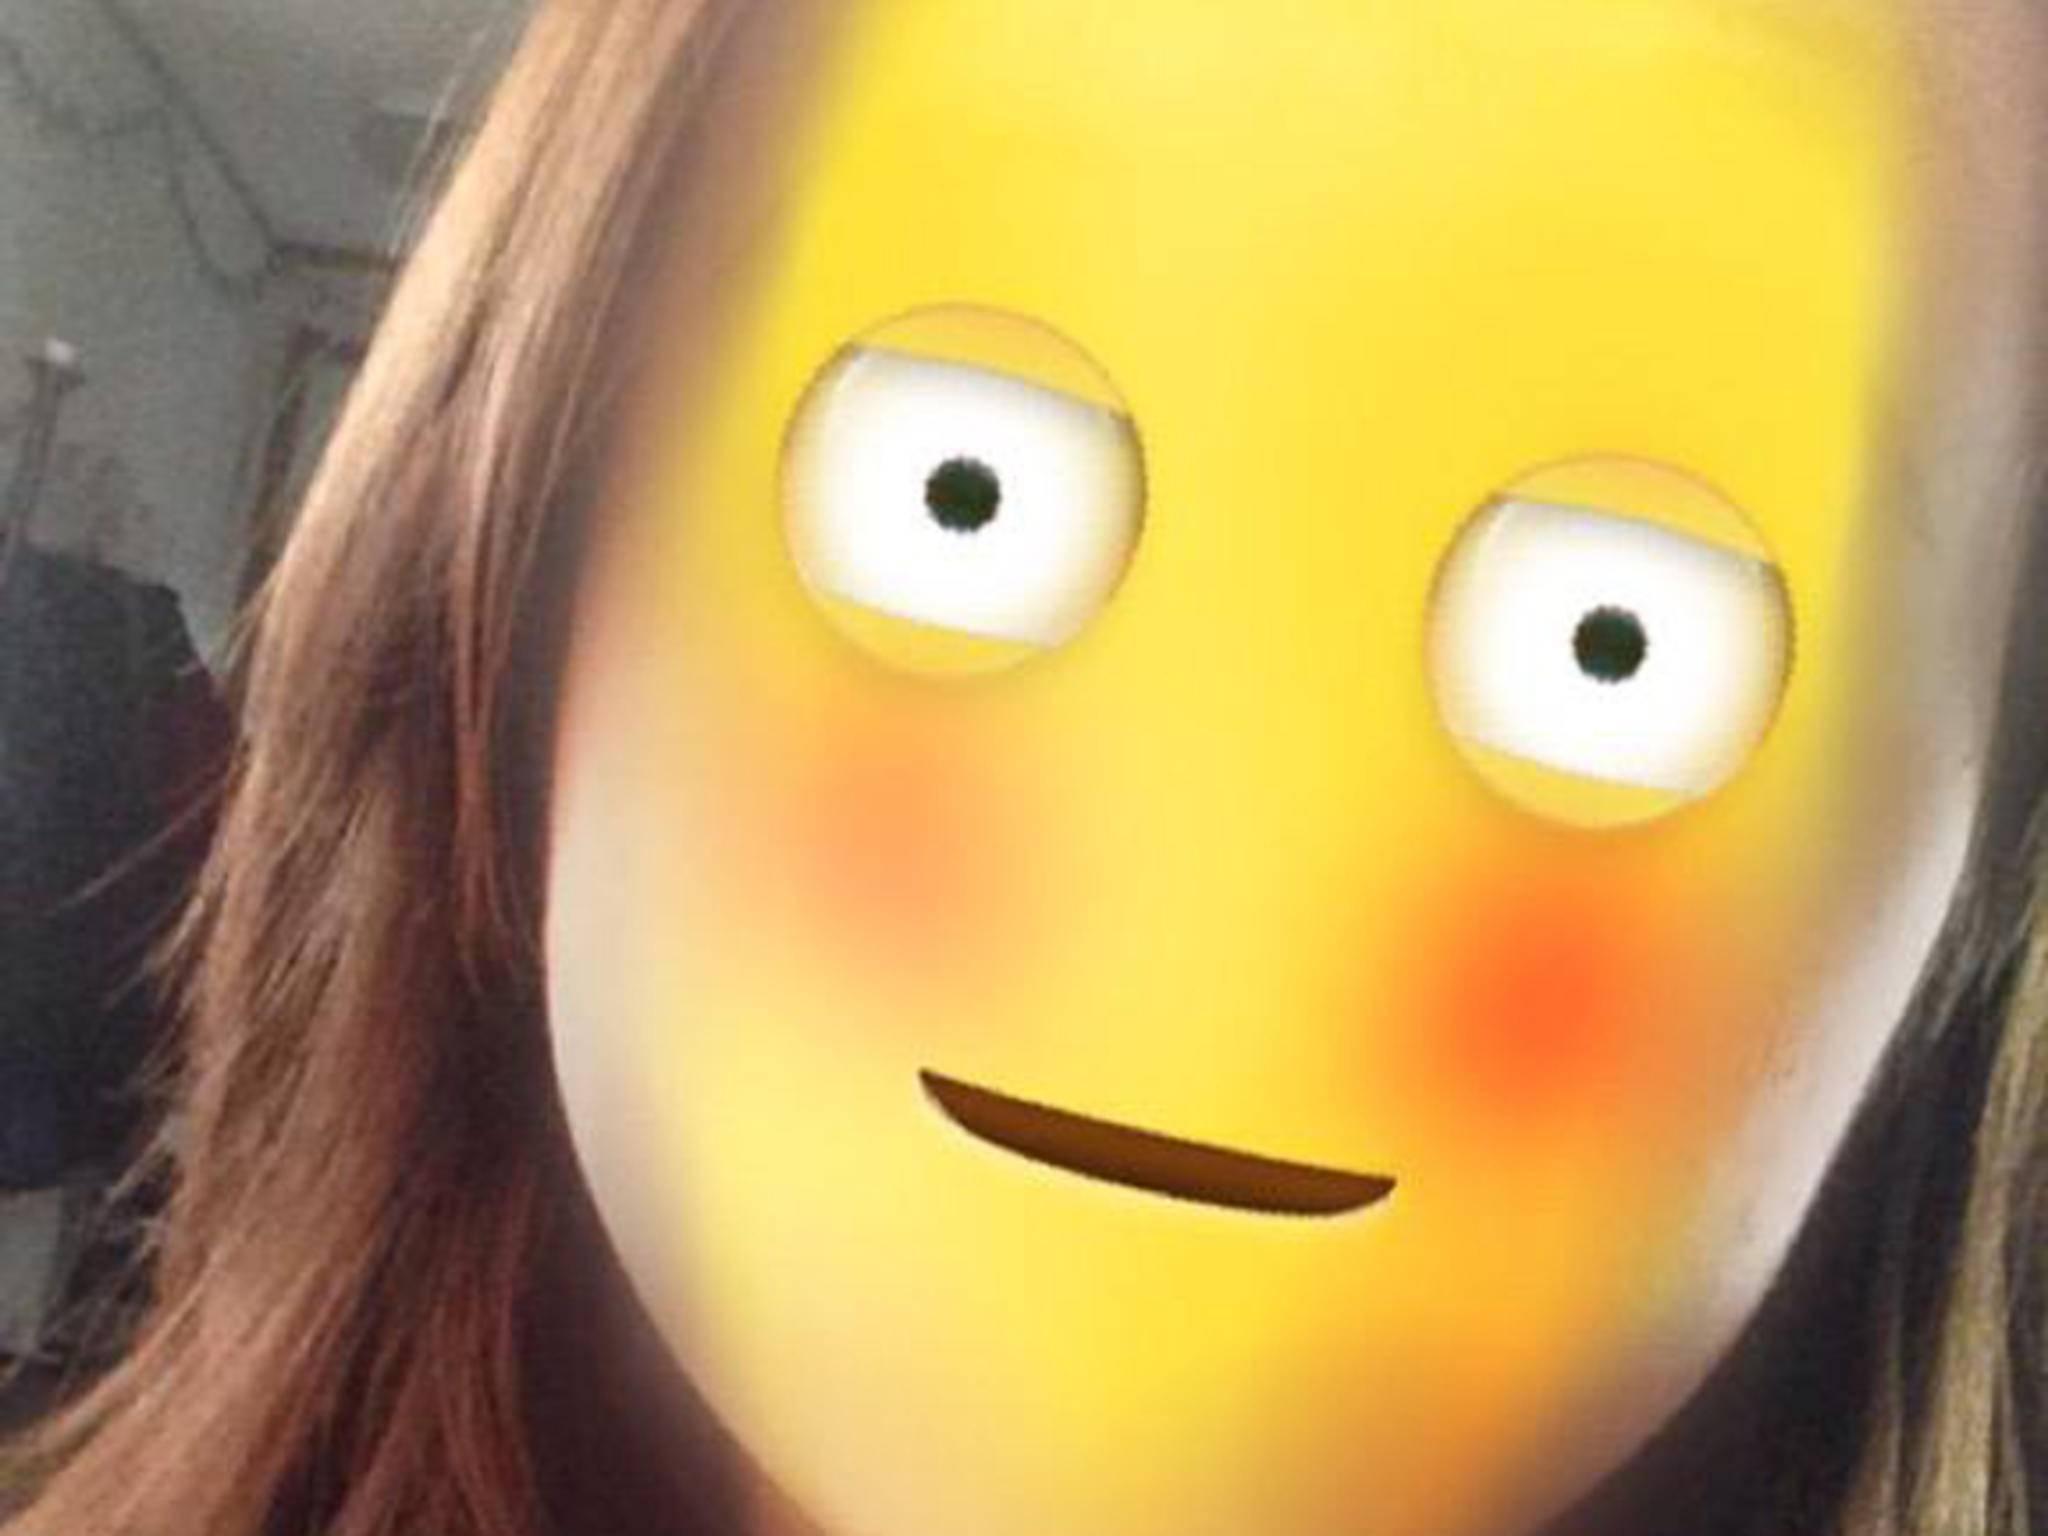 Snapchat: Mit diesem Minion-Effekt schockte die App ihre Nutzer.